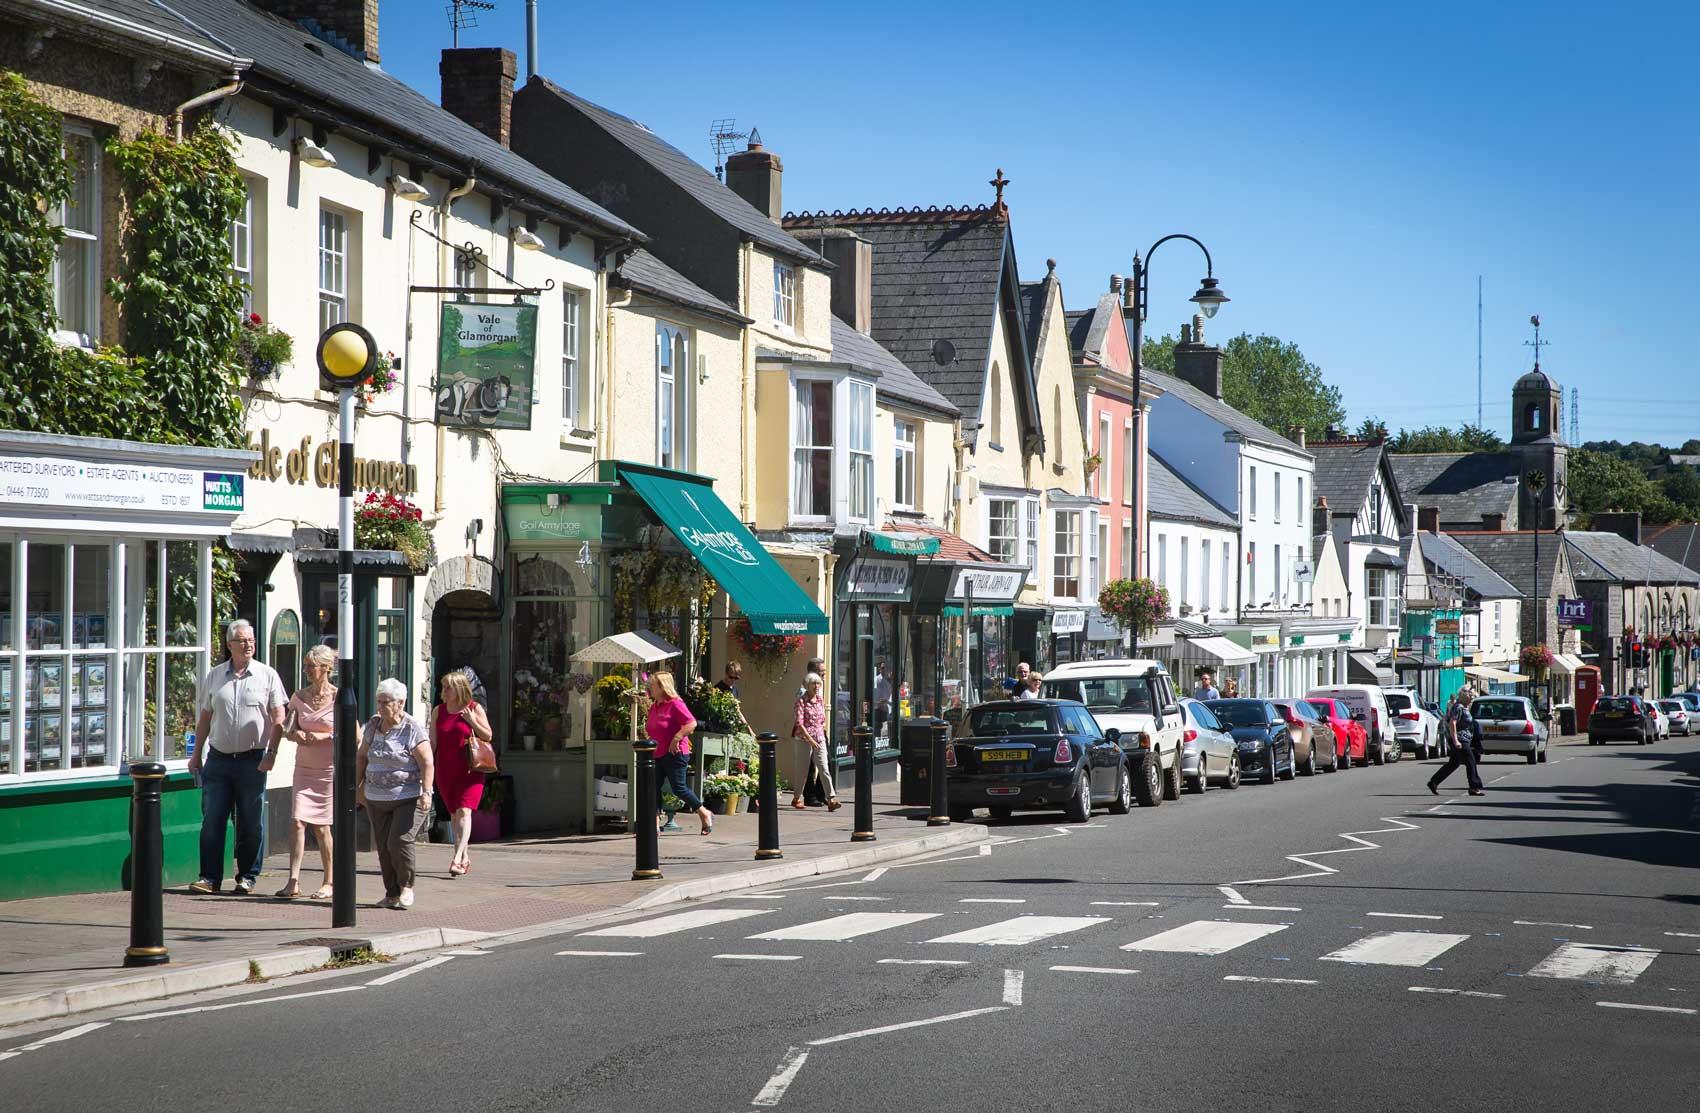 Cowbridge highstreet